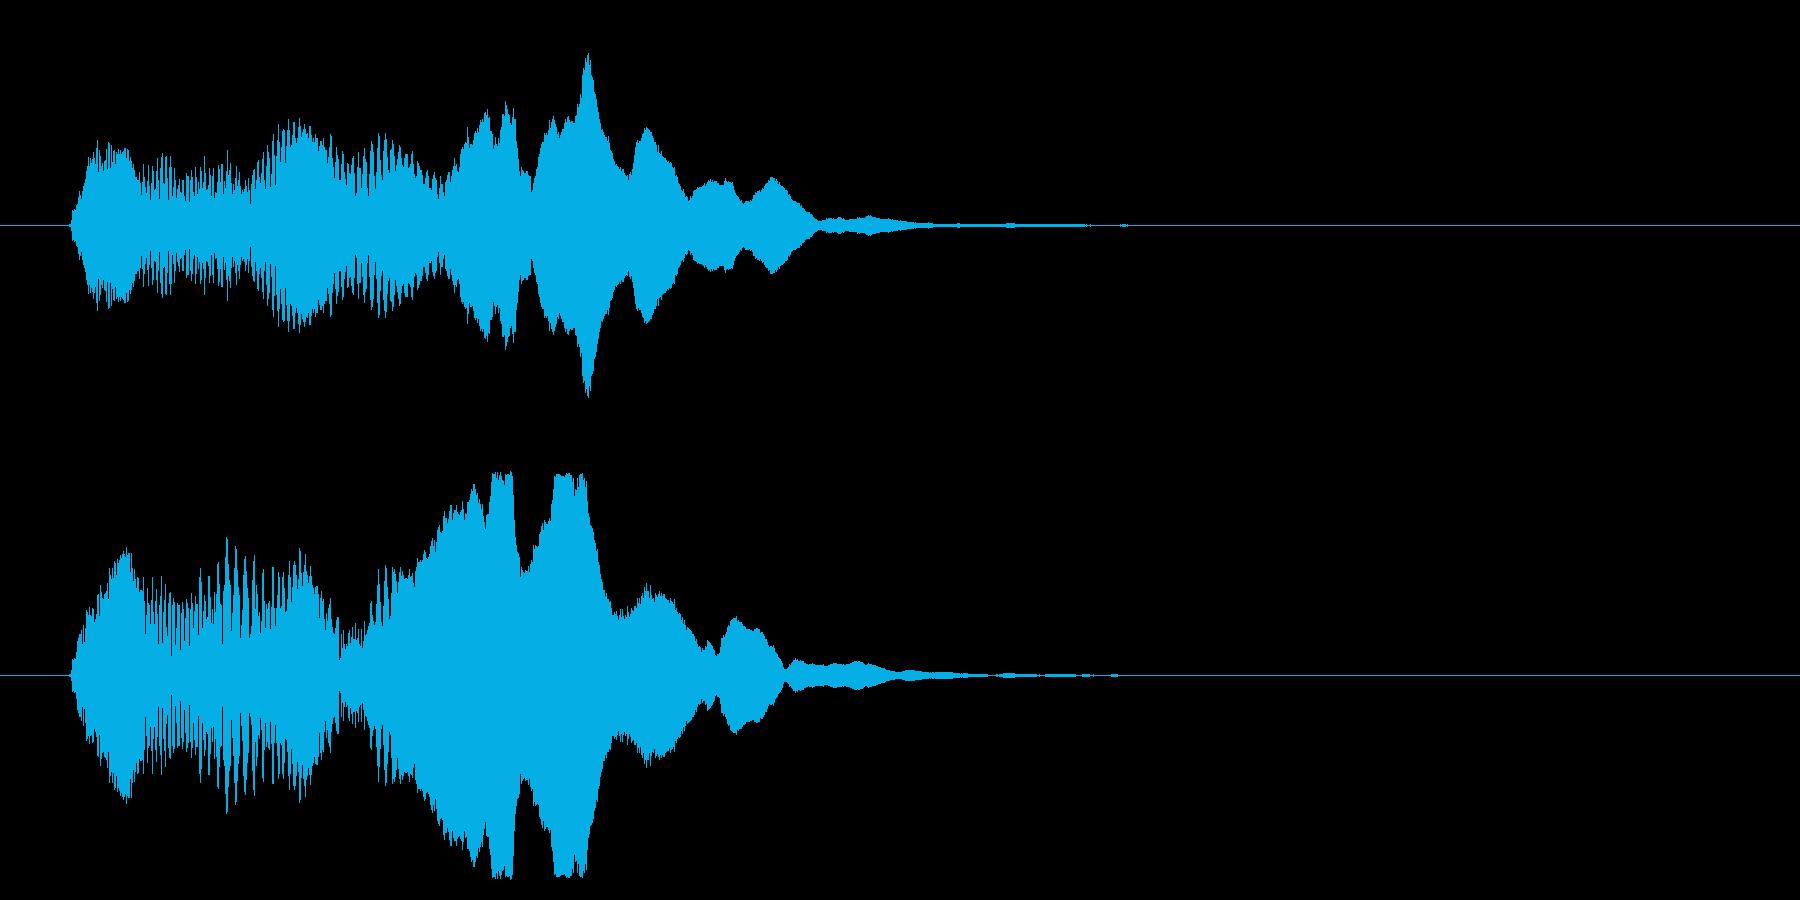 邦楽_ワイプ用_尺八アクセントの再生済みの波形